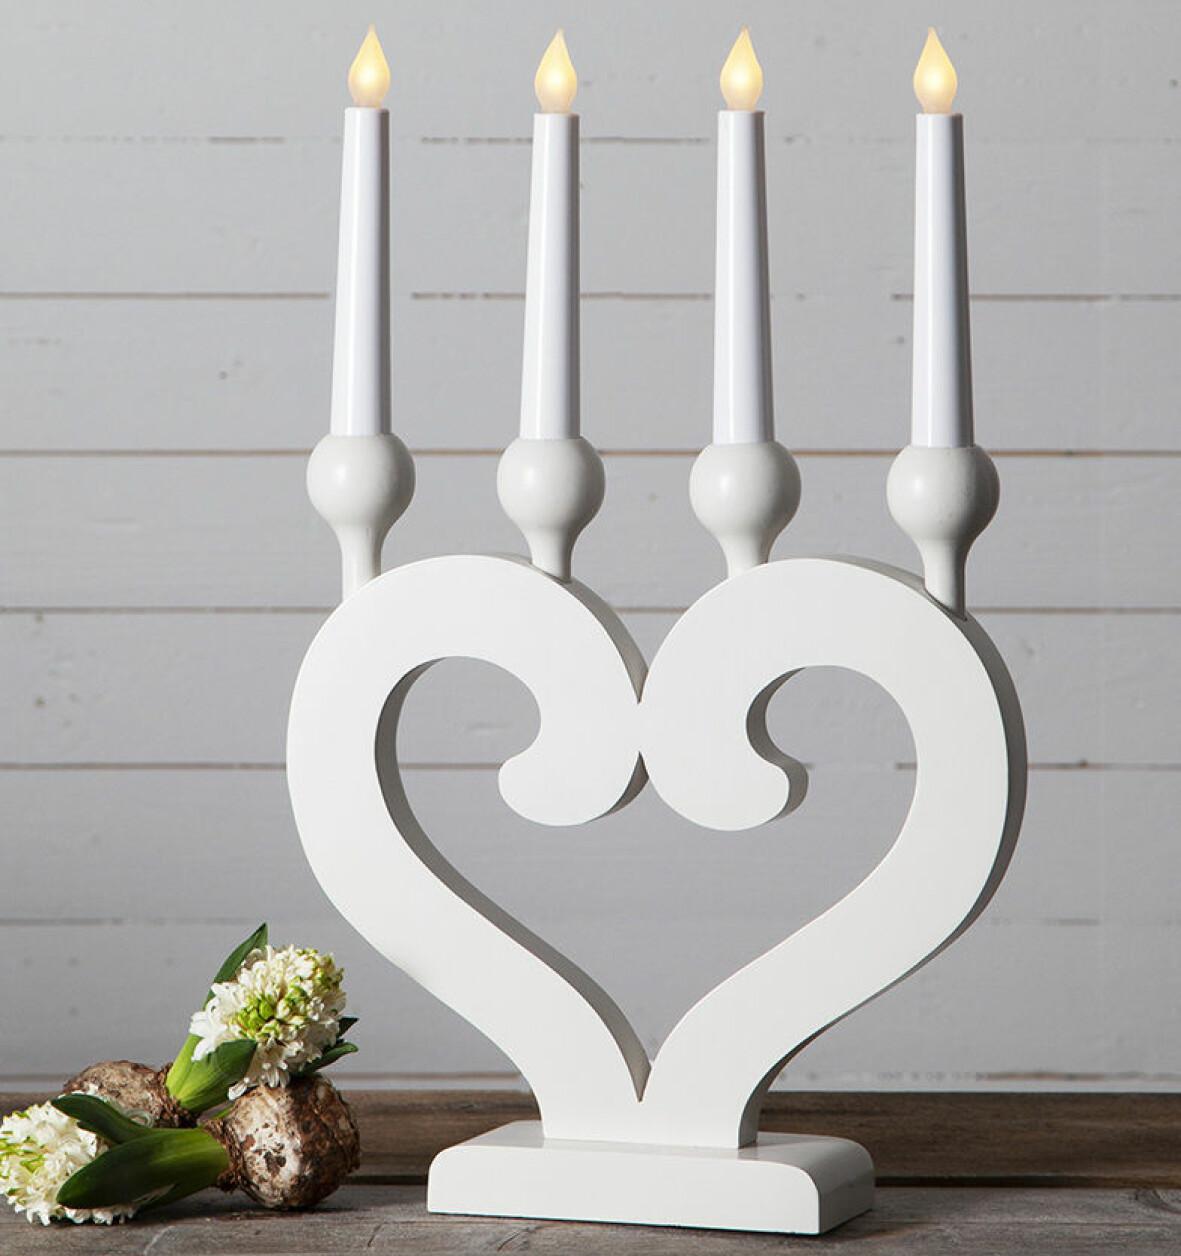 Vit adventssljusstake i form av ett hjärta.